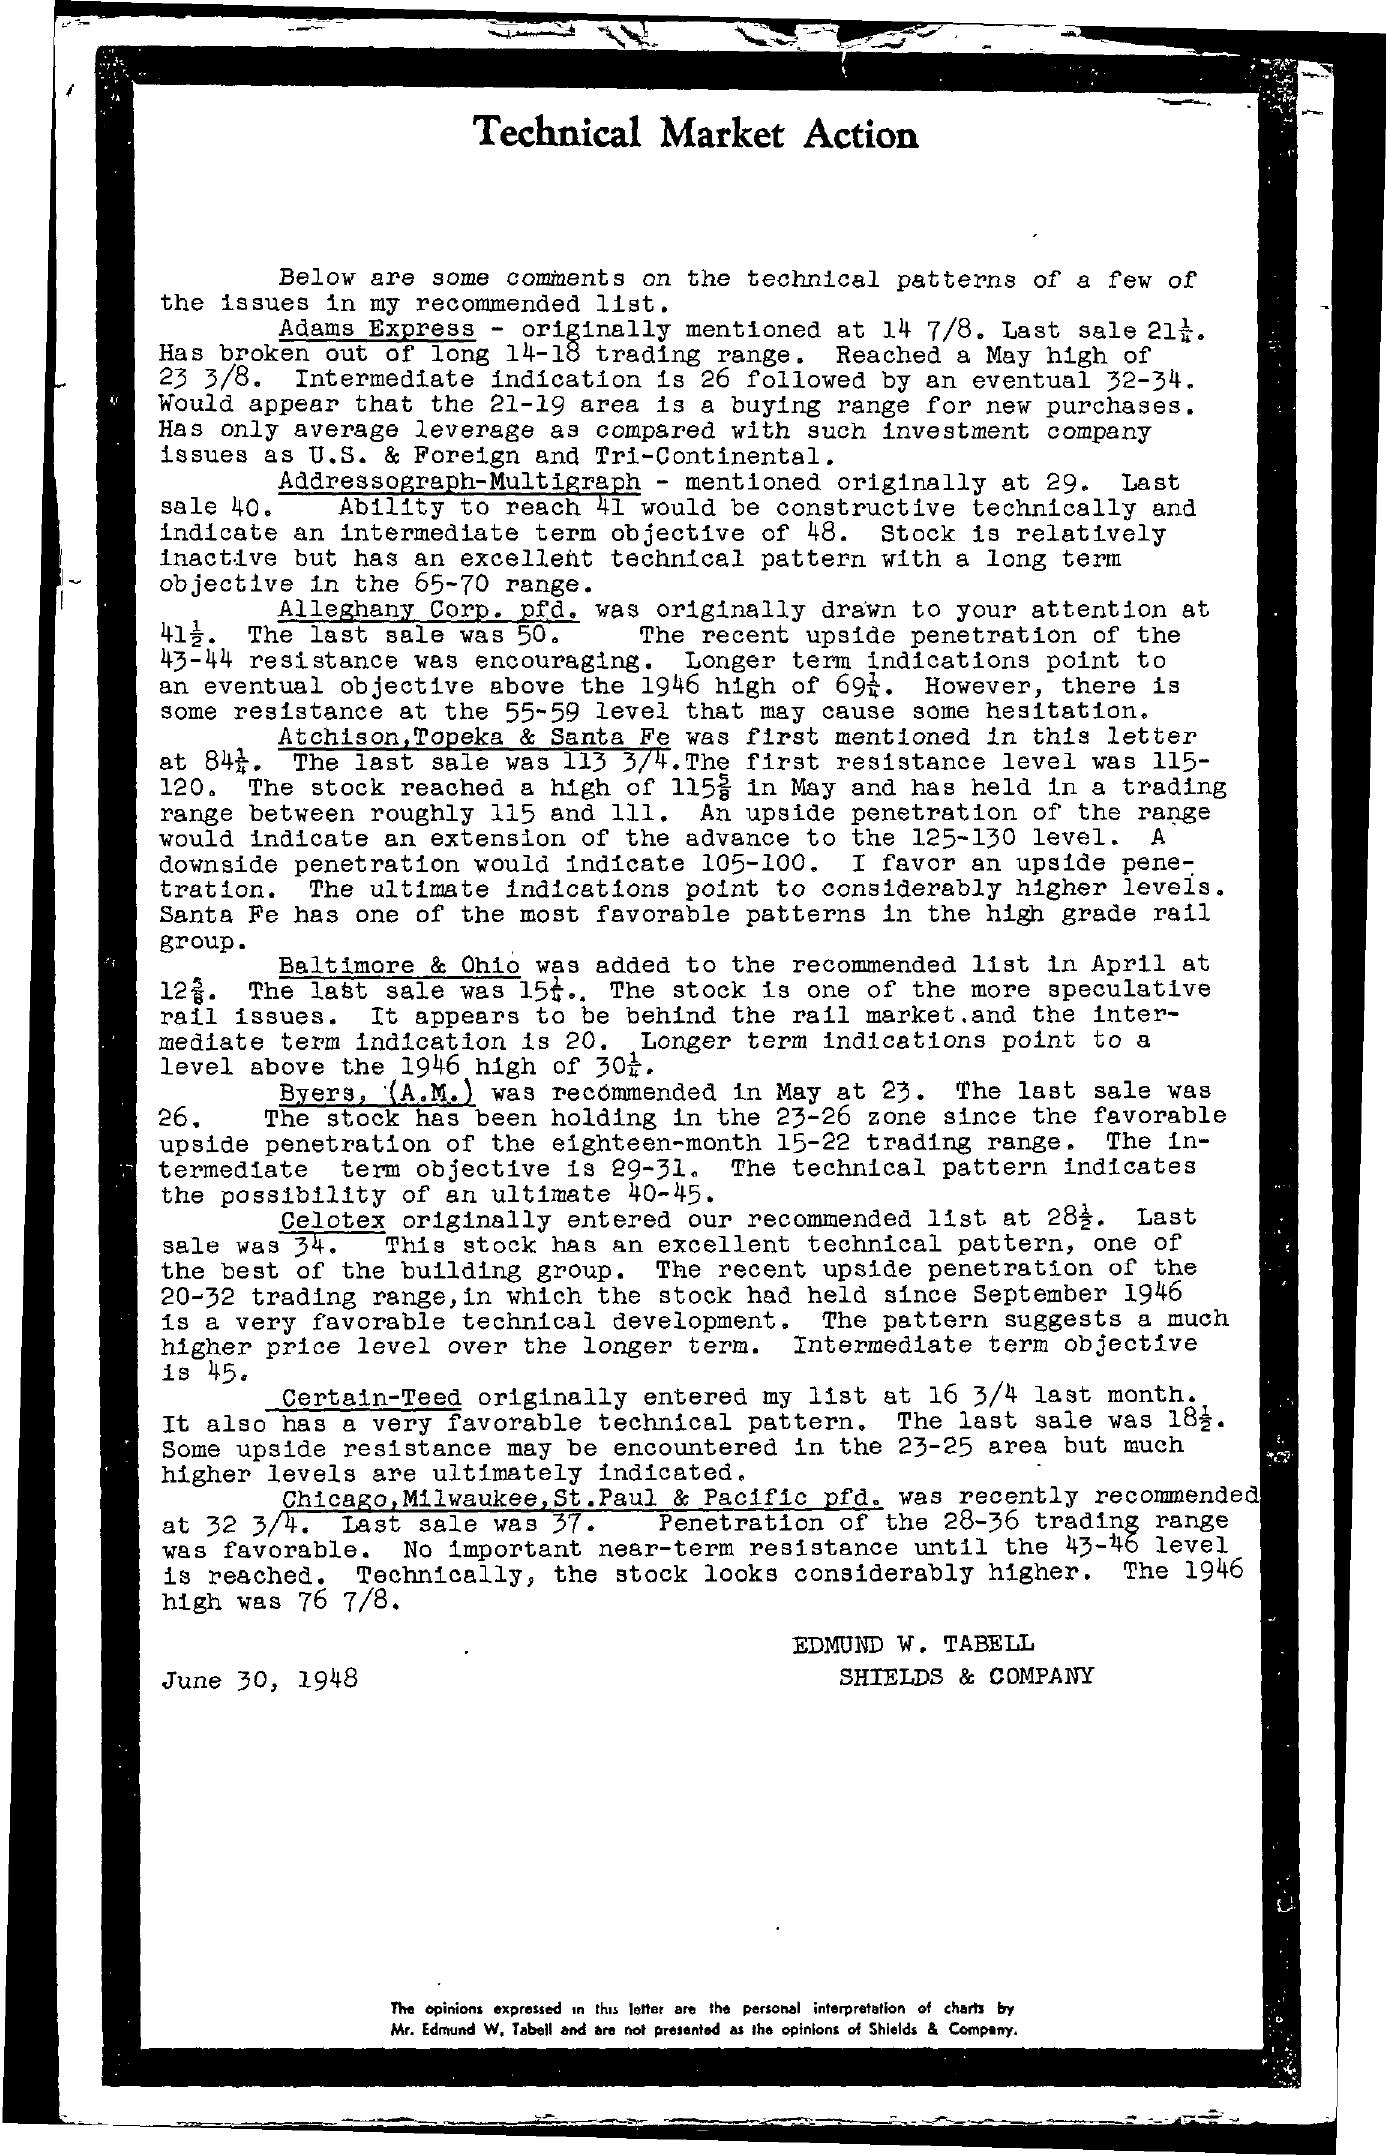 Tabell's Market Letter - June 30, 1948